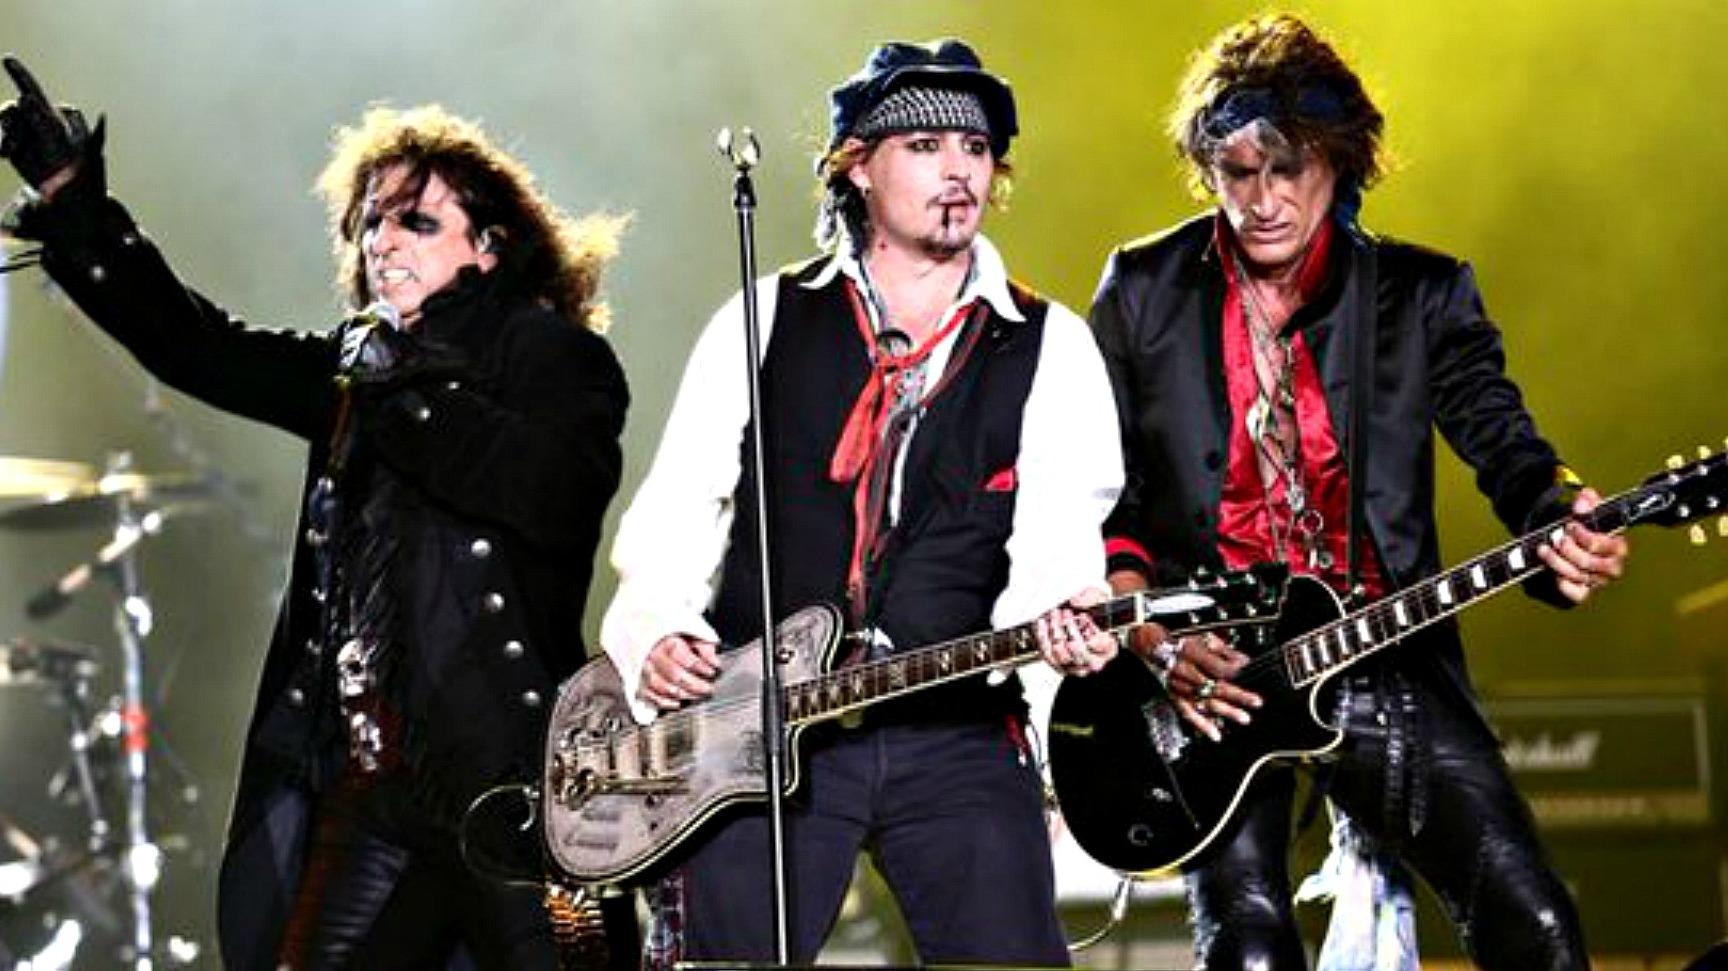 Джони Деп (в средата ) заедно с Алис Купър и китариста на Aerosmith Джо Пери в супер групата The Hollywood Vampires.